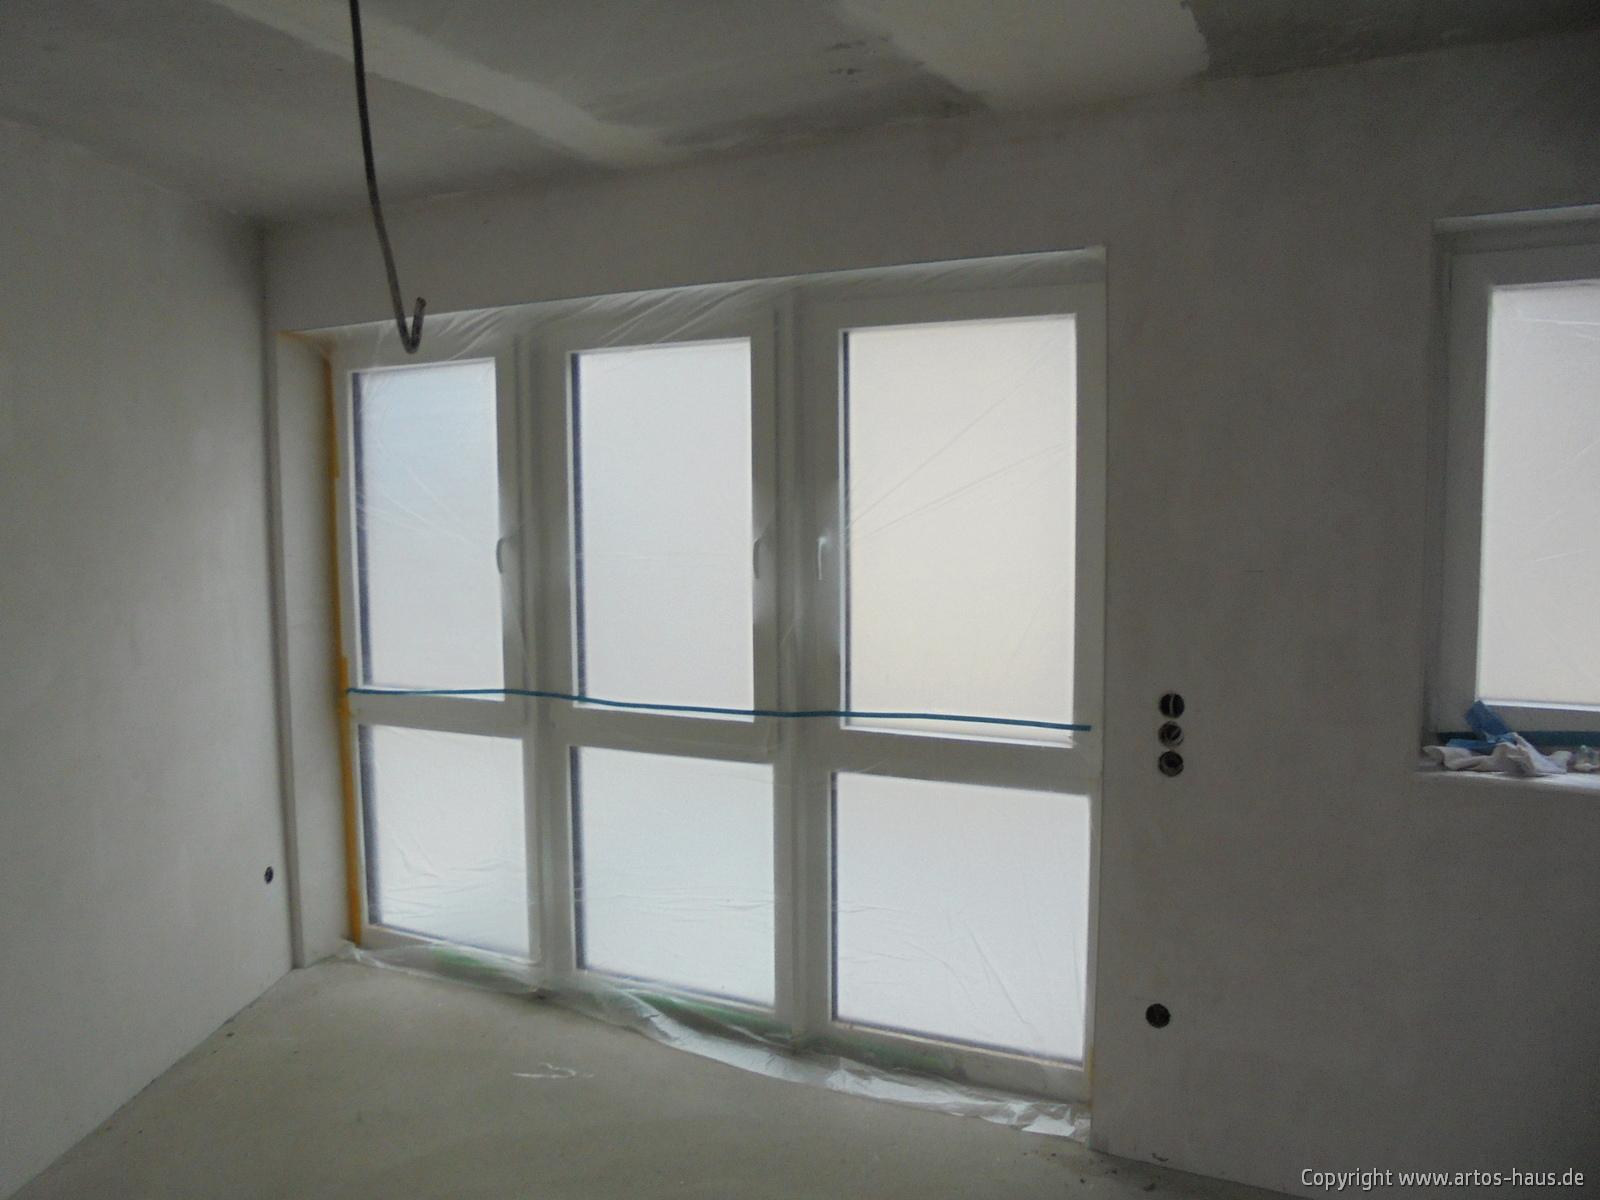 ARTOS Bauvorhaben in Pulheim MFH Bild 1